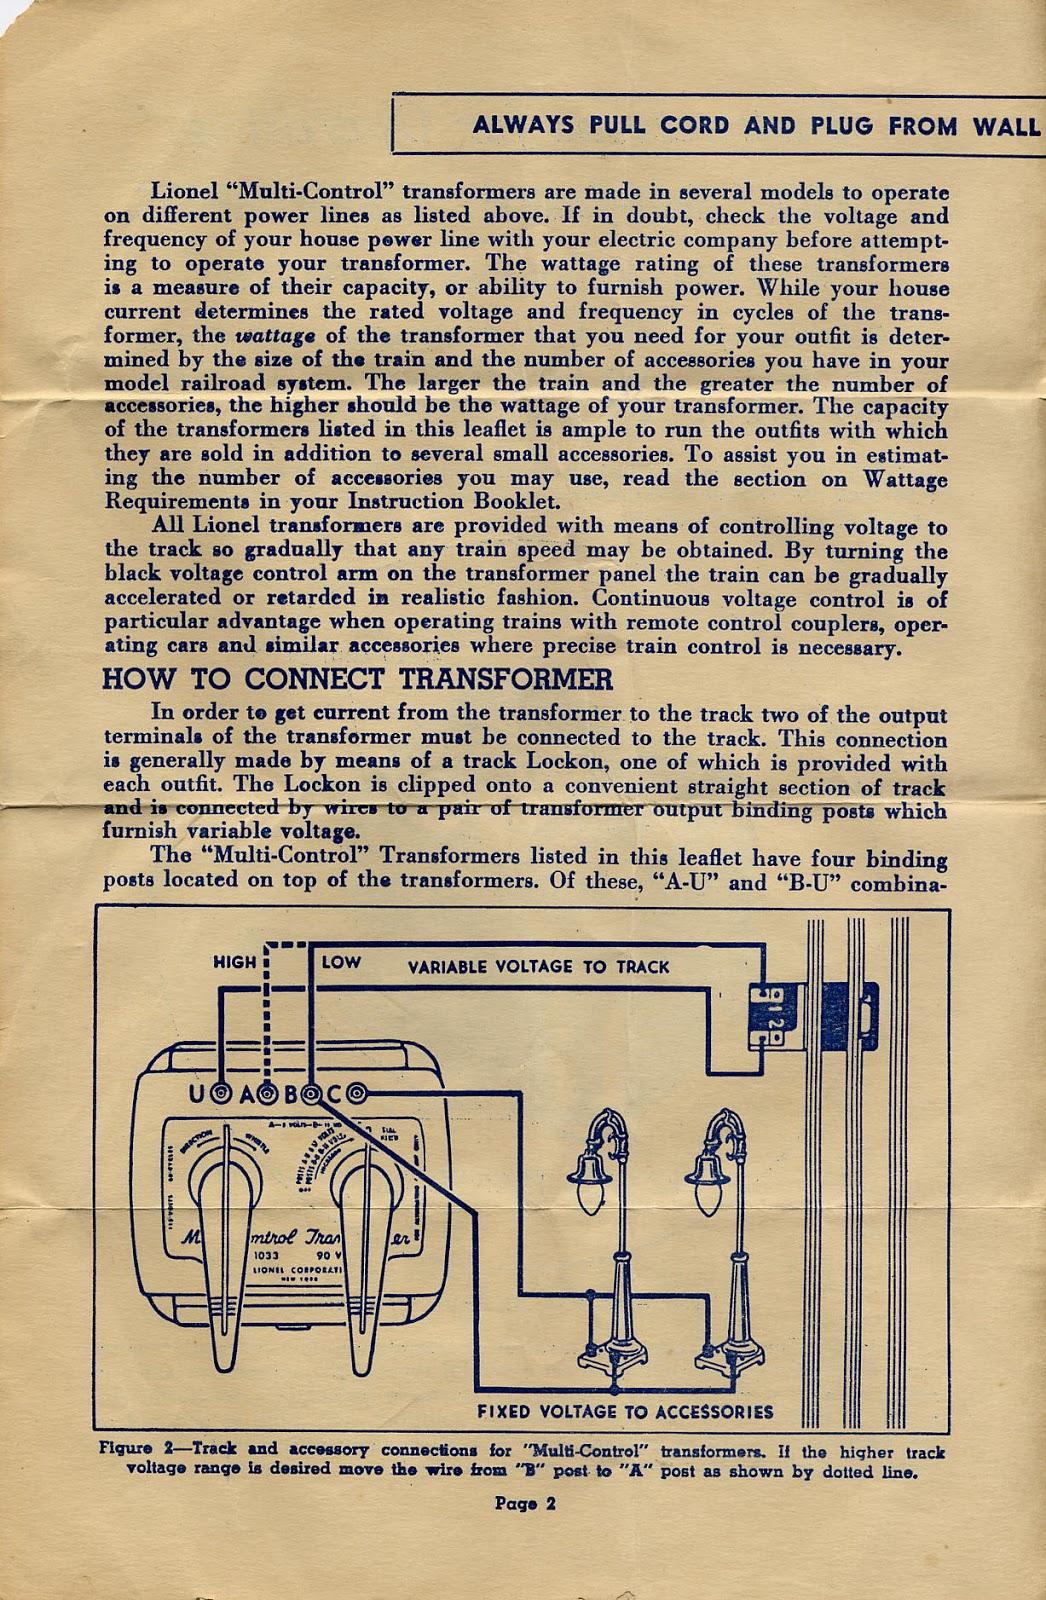 medium resolution of lionel postwar wiring diagrams model train wiring diagrams lionel kw transformer wiring diagram lionel 1033 transformer